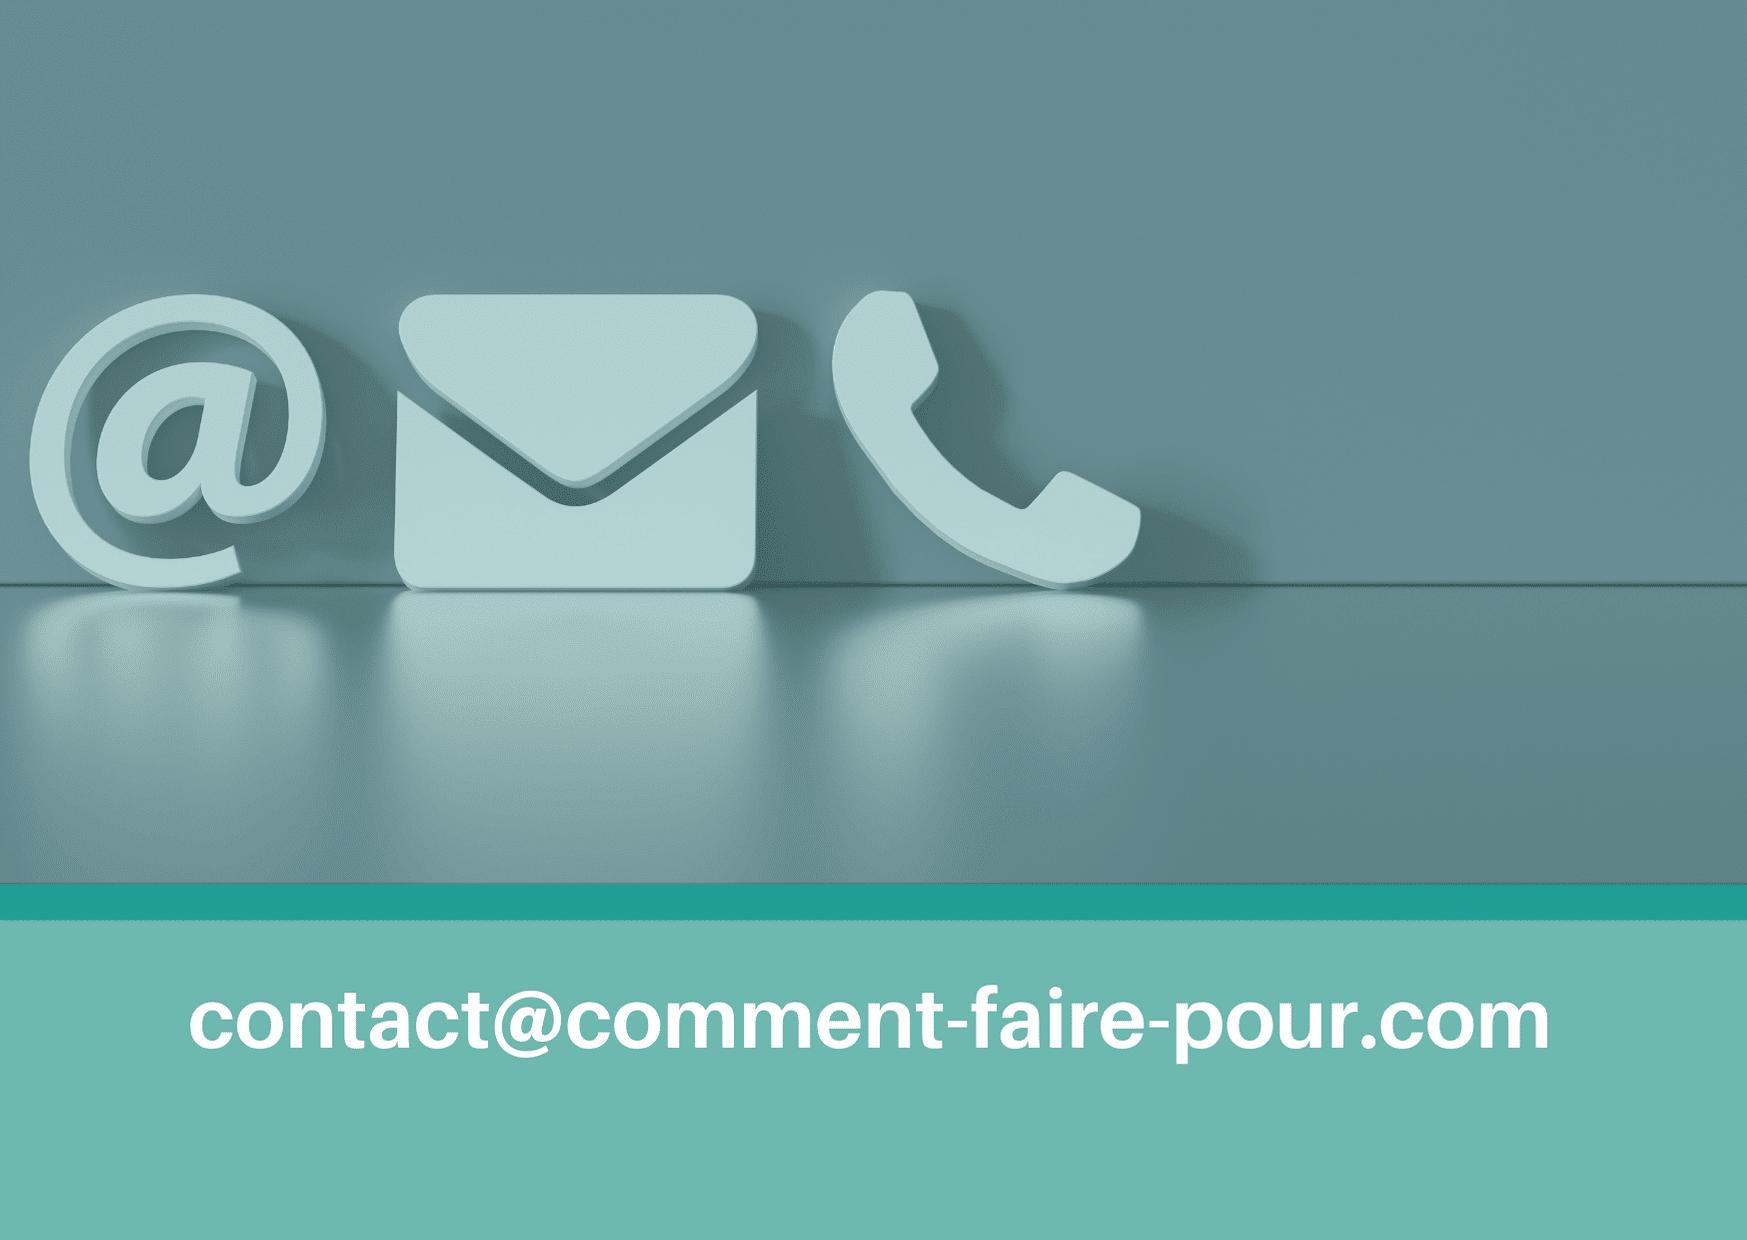 contact comment-faire-pour.com